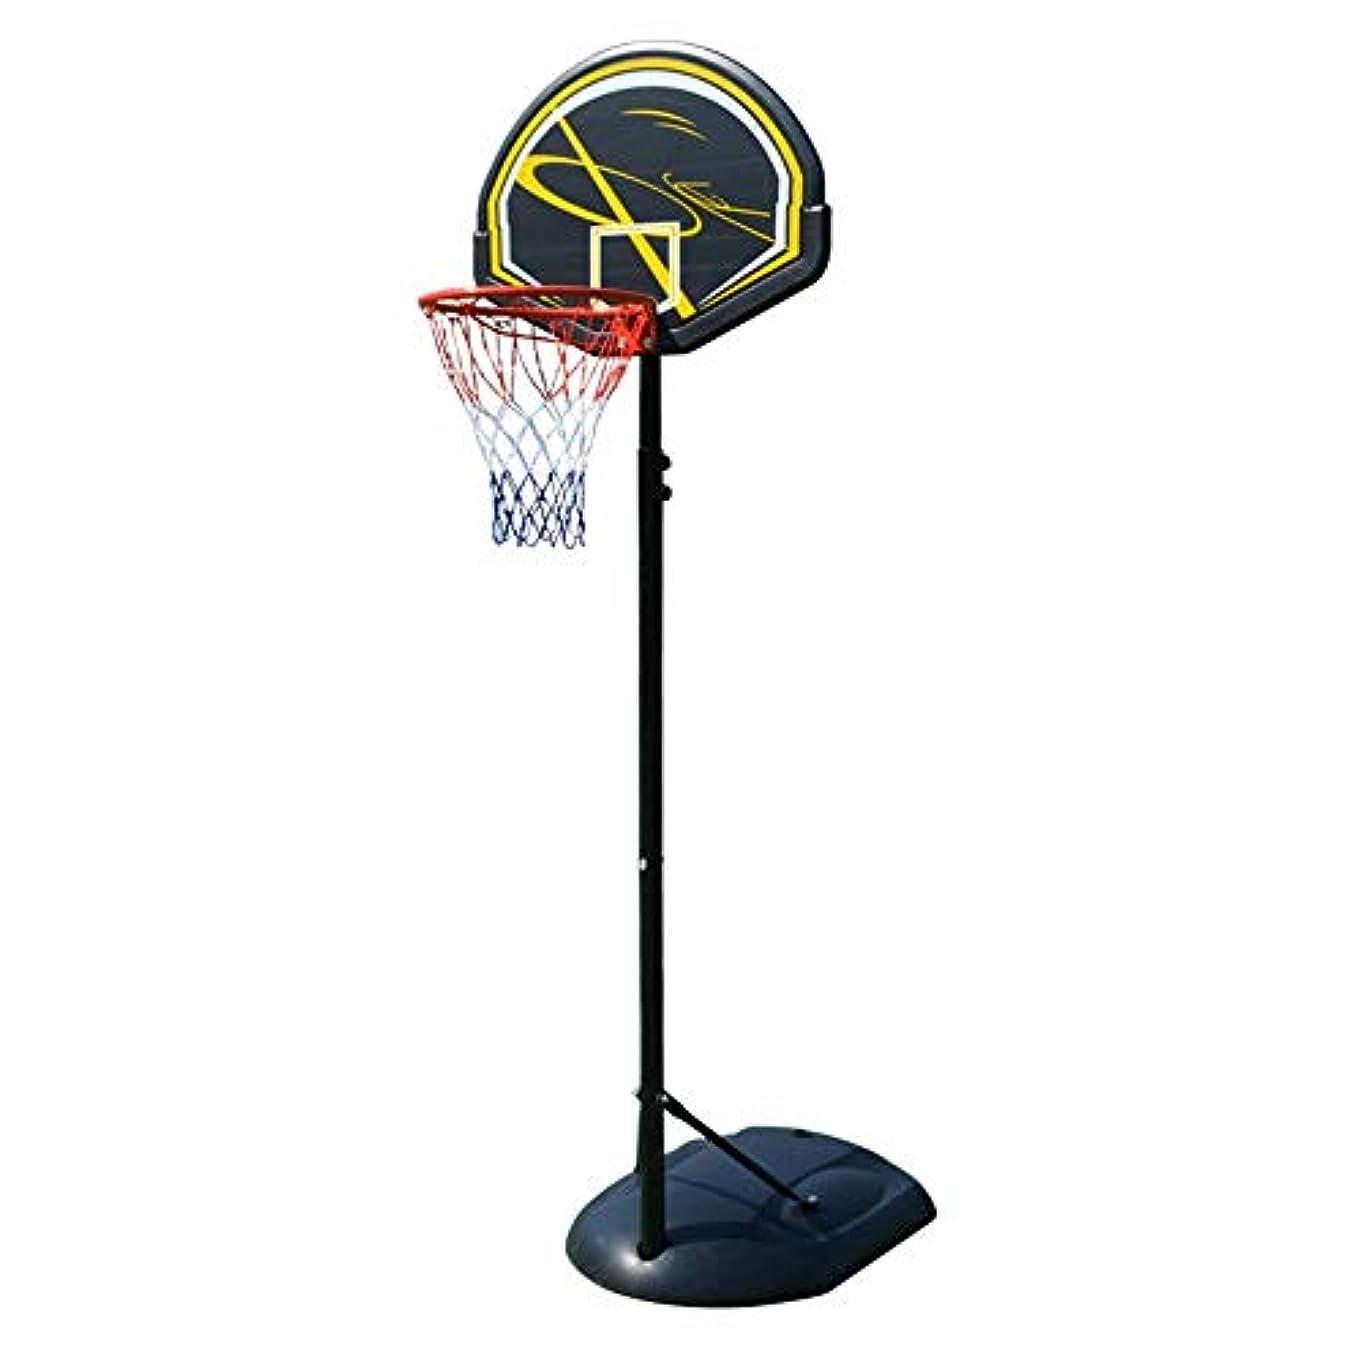 単語後悔三子供用 ミニバスケットボール 子供のアジャスタブルポータブルバスケットボールスタンドは、屋内と屋外の子供の誕生日プレゼントのために使用されています 室内 屋外用 (色 : Black, Size : One size)